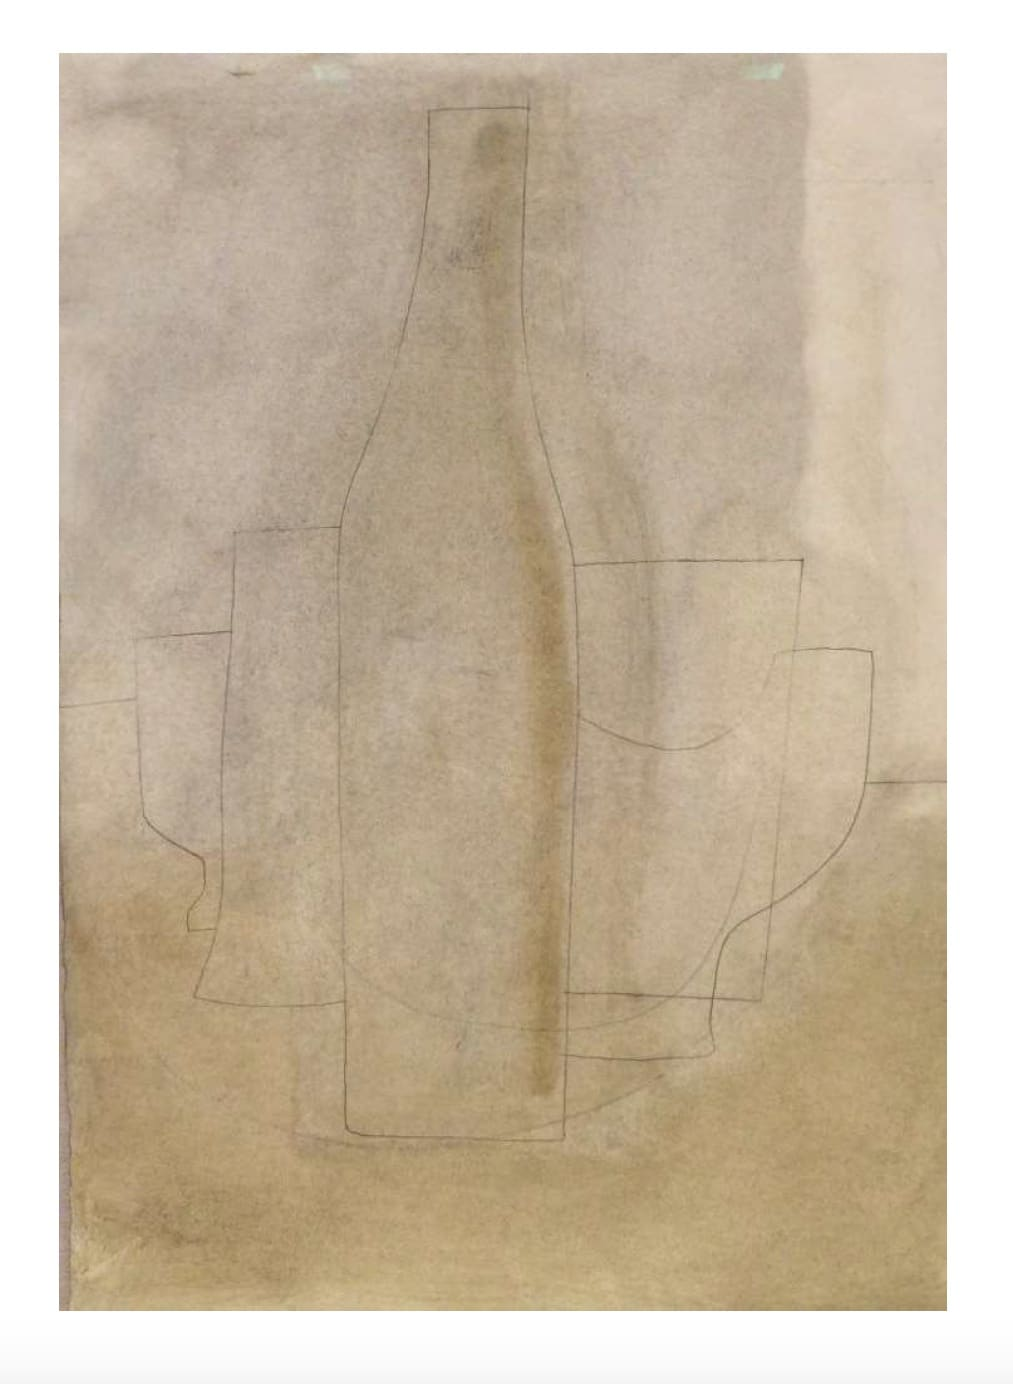 Ben Nicholson, 1972 (Still life with bottle), 1972